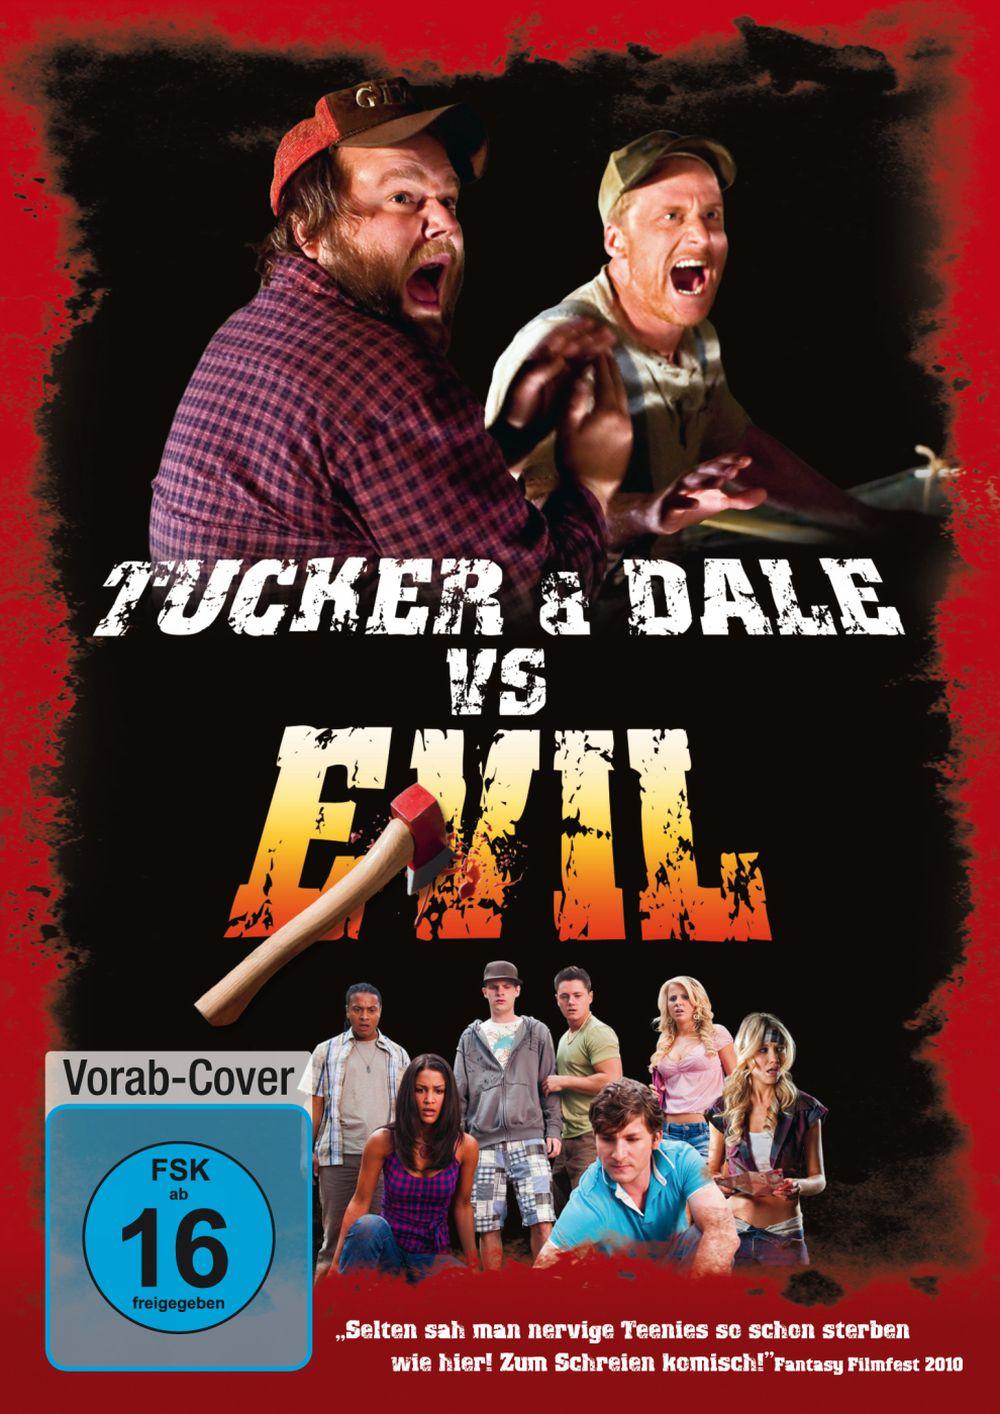 filme tucker dale evil